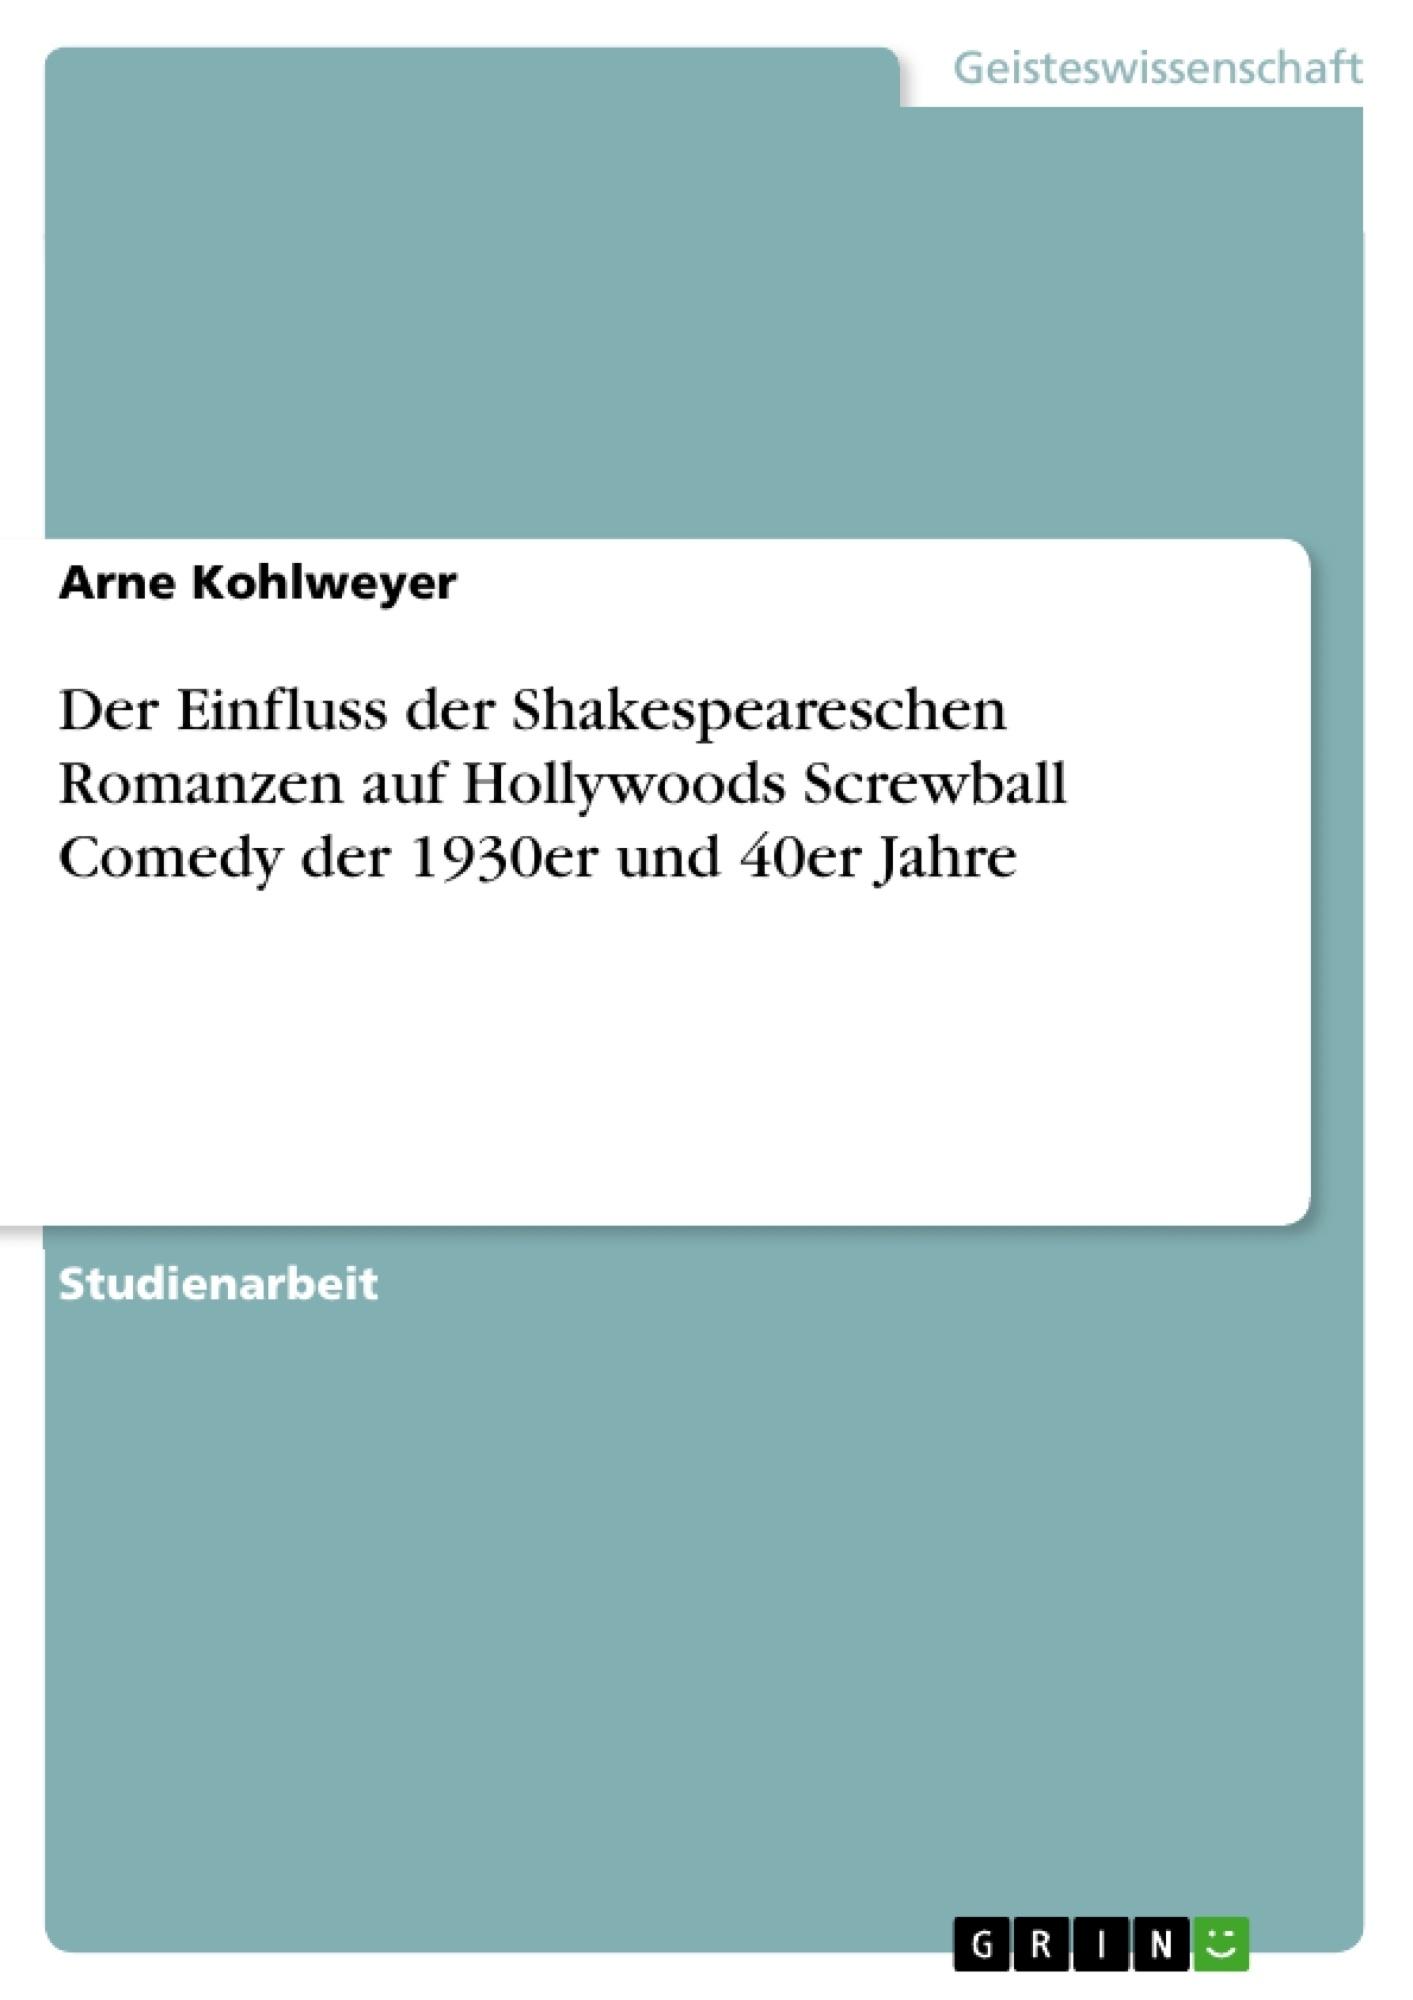 Titel: Der Einfluss der Shakespeareschen Romanzen auf Hollywoods Screwball Comedy der 1930er und 40er Jahre